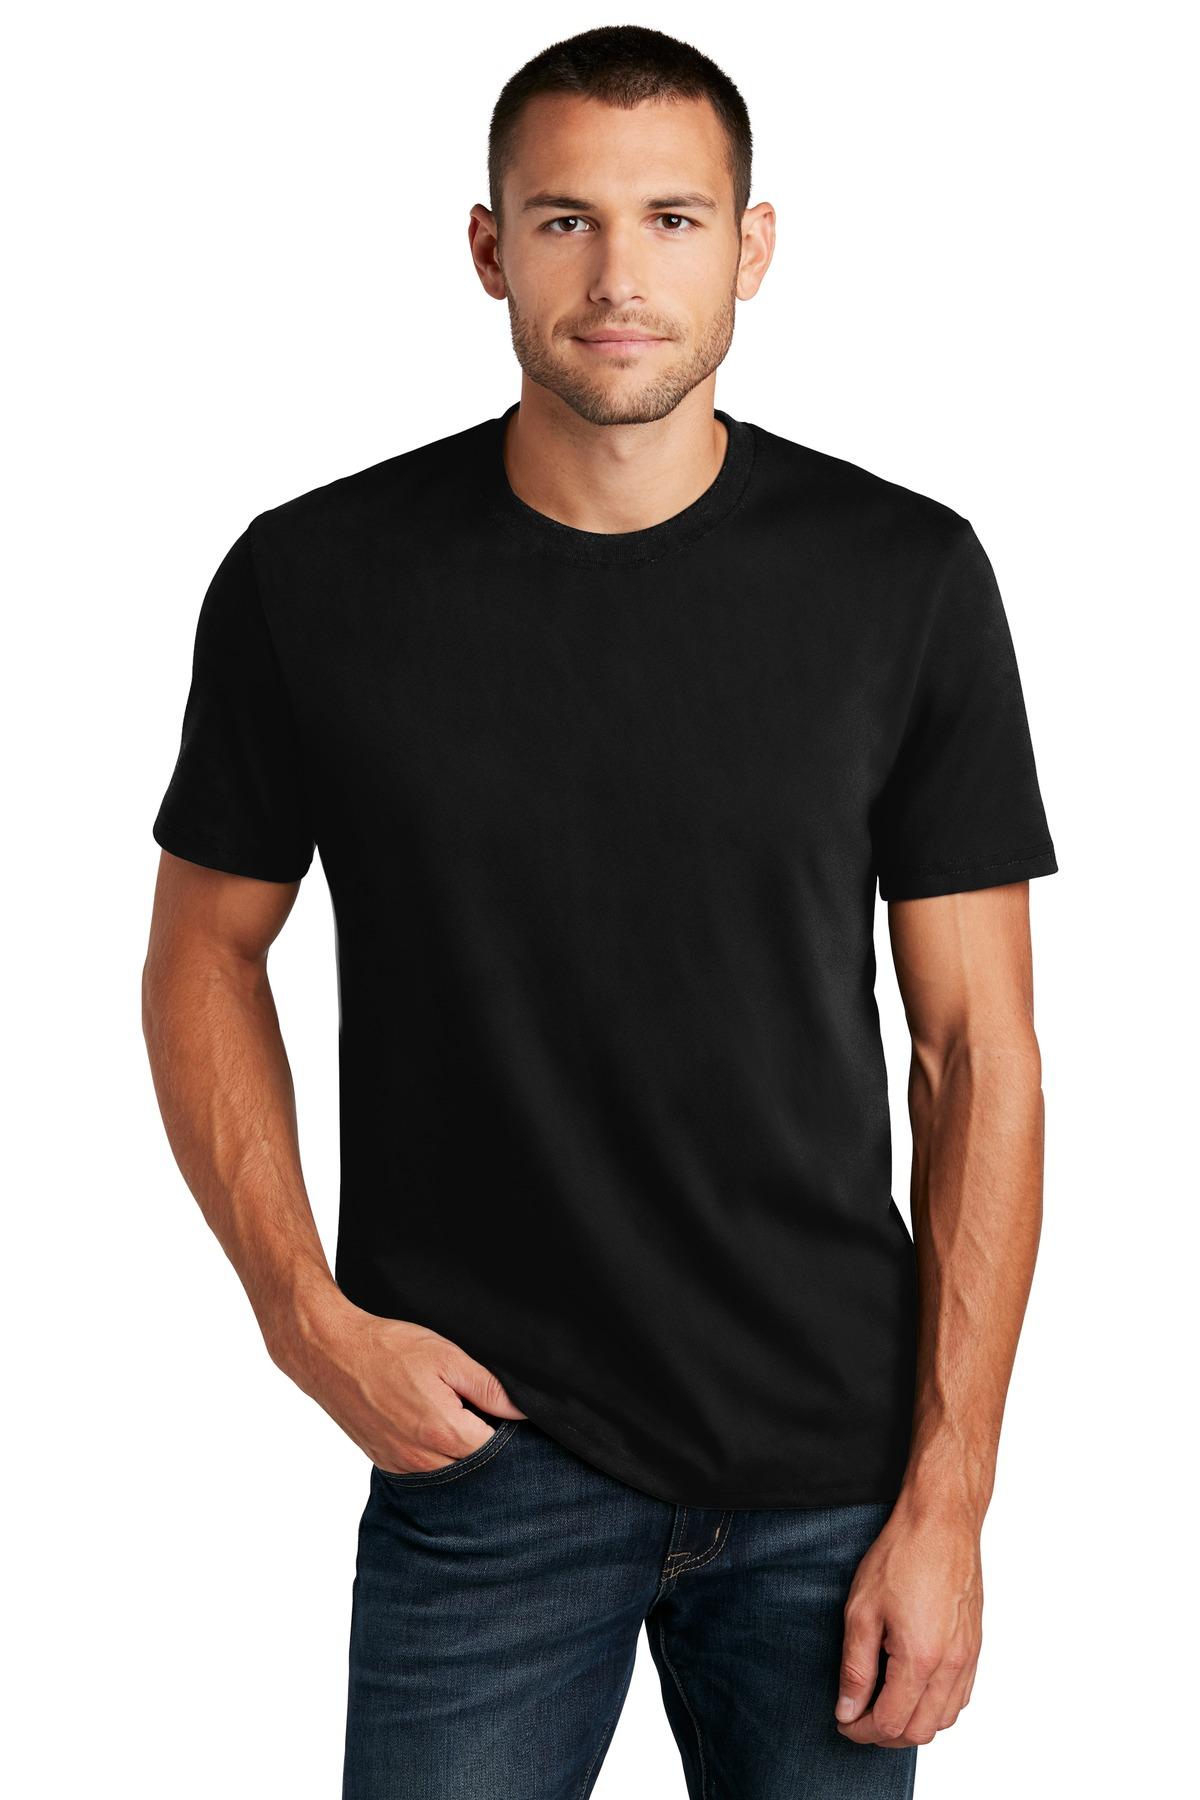 DT black model front